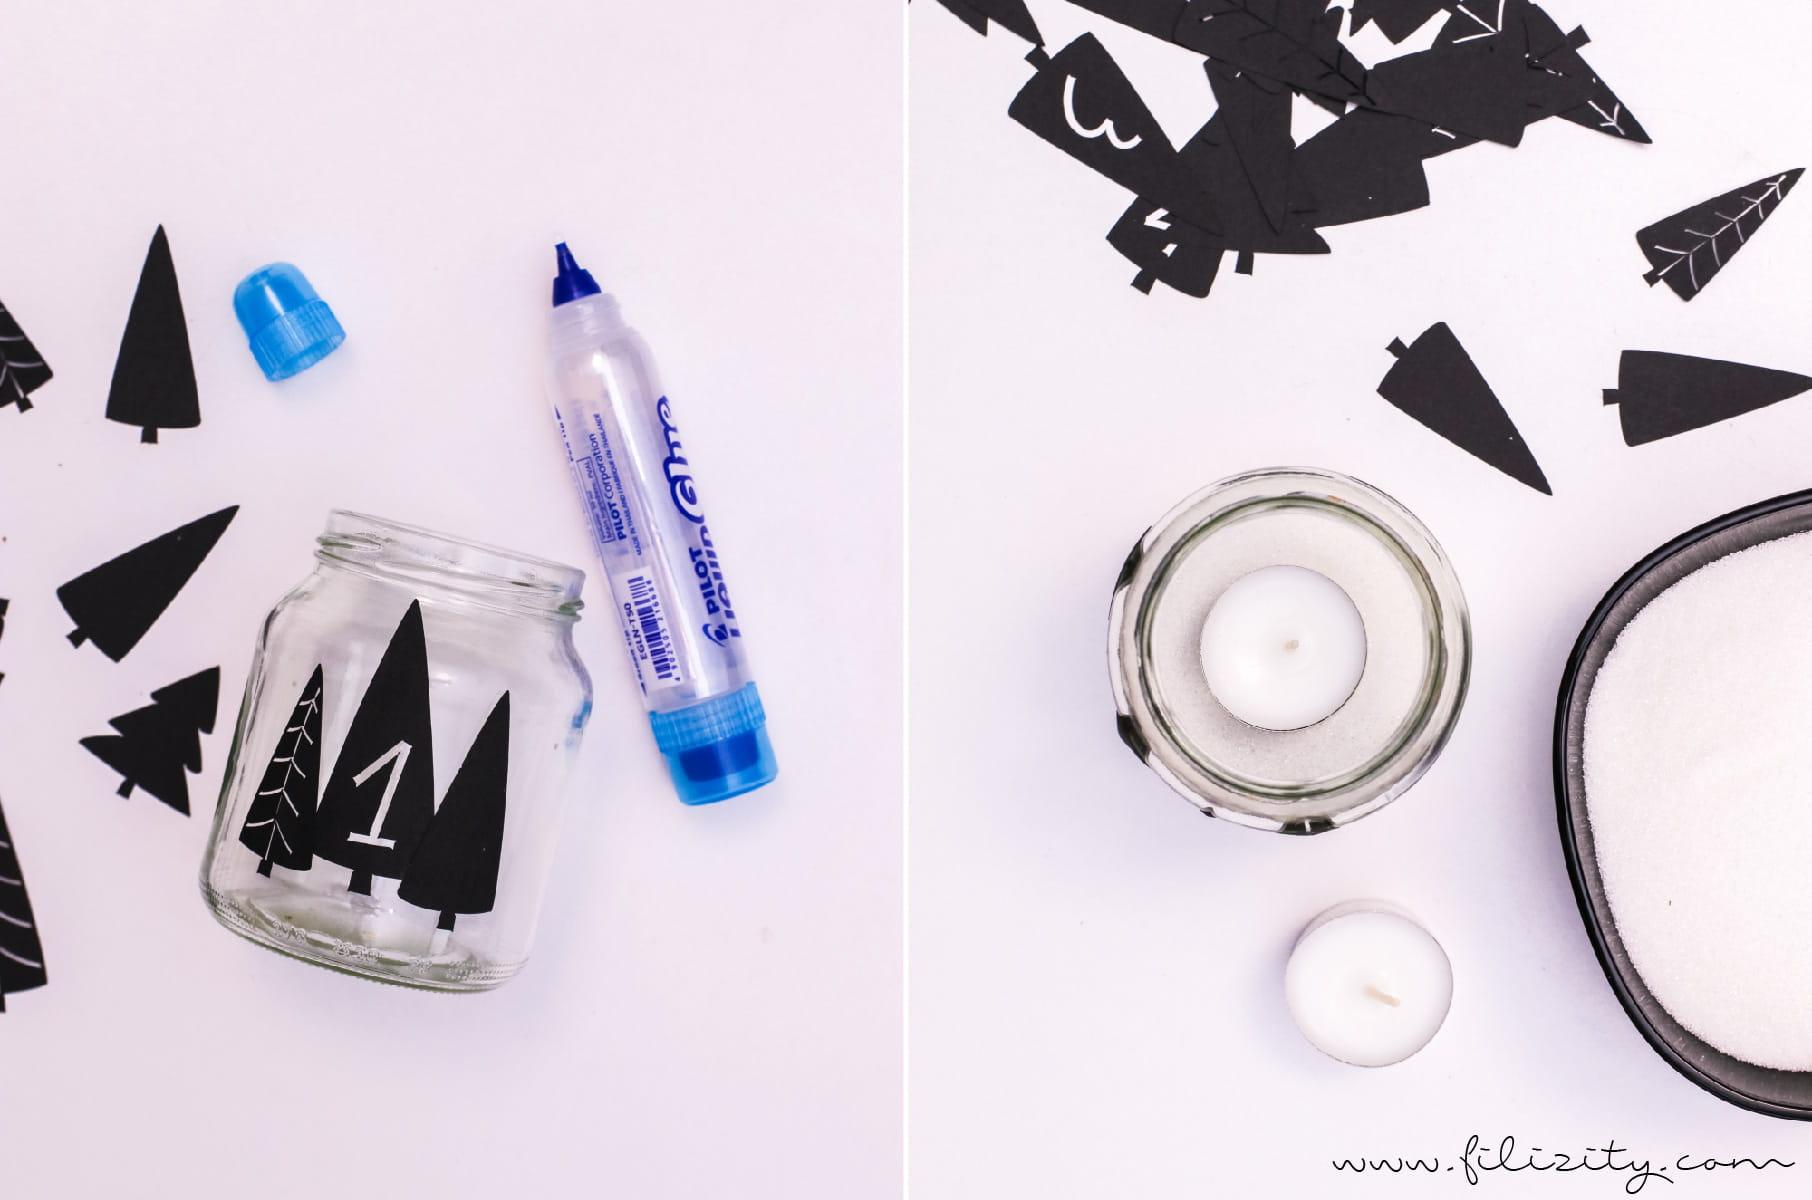 DIY Zero Waste Adventskranz: Upcycling-Idee mit Einmachgläsern (mit Plotterdateien & Druckvorlage) | Filizity.com - DIY Blog aus dem Rheinland